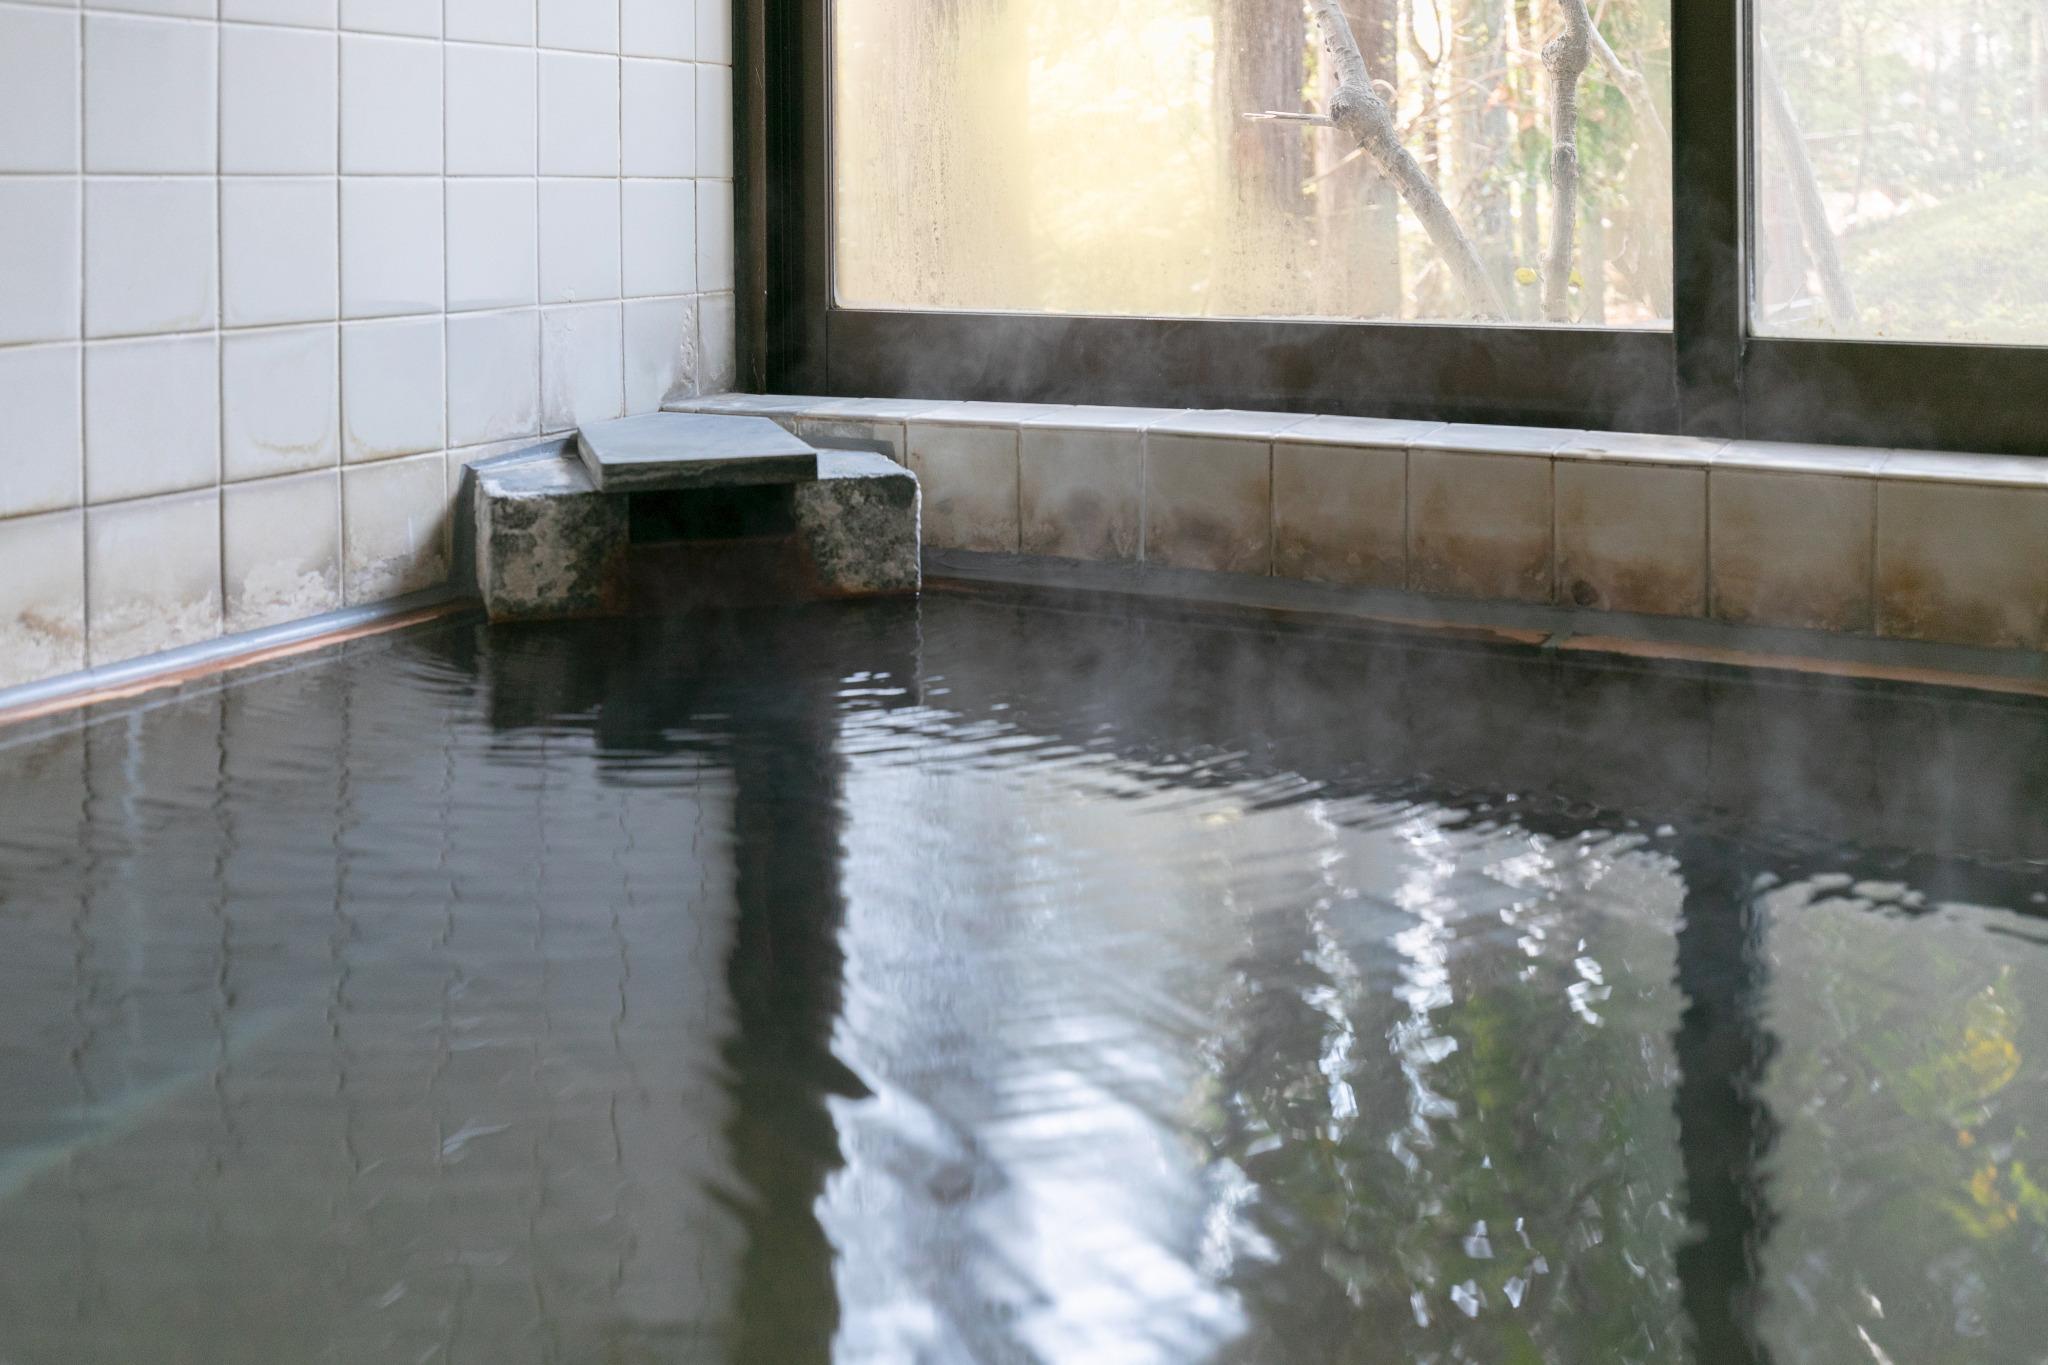 24時間源泉かけ流し/箱根大型貸切別荘/アクセス至便/広い敷地で大人数対応